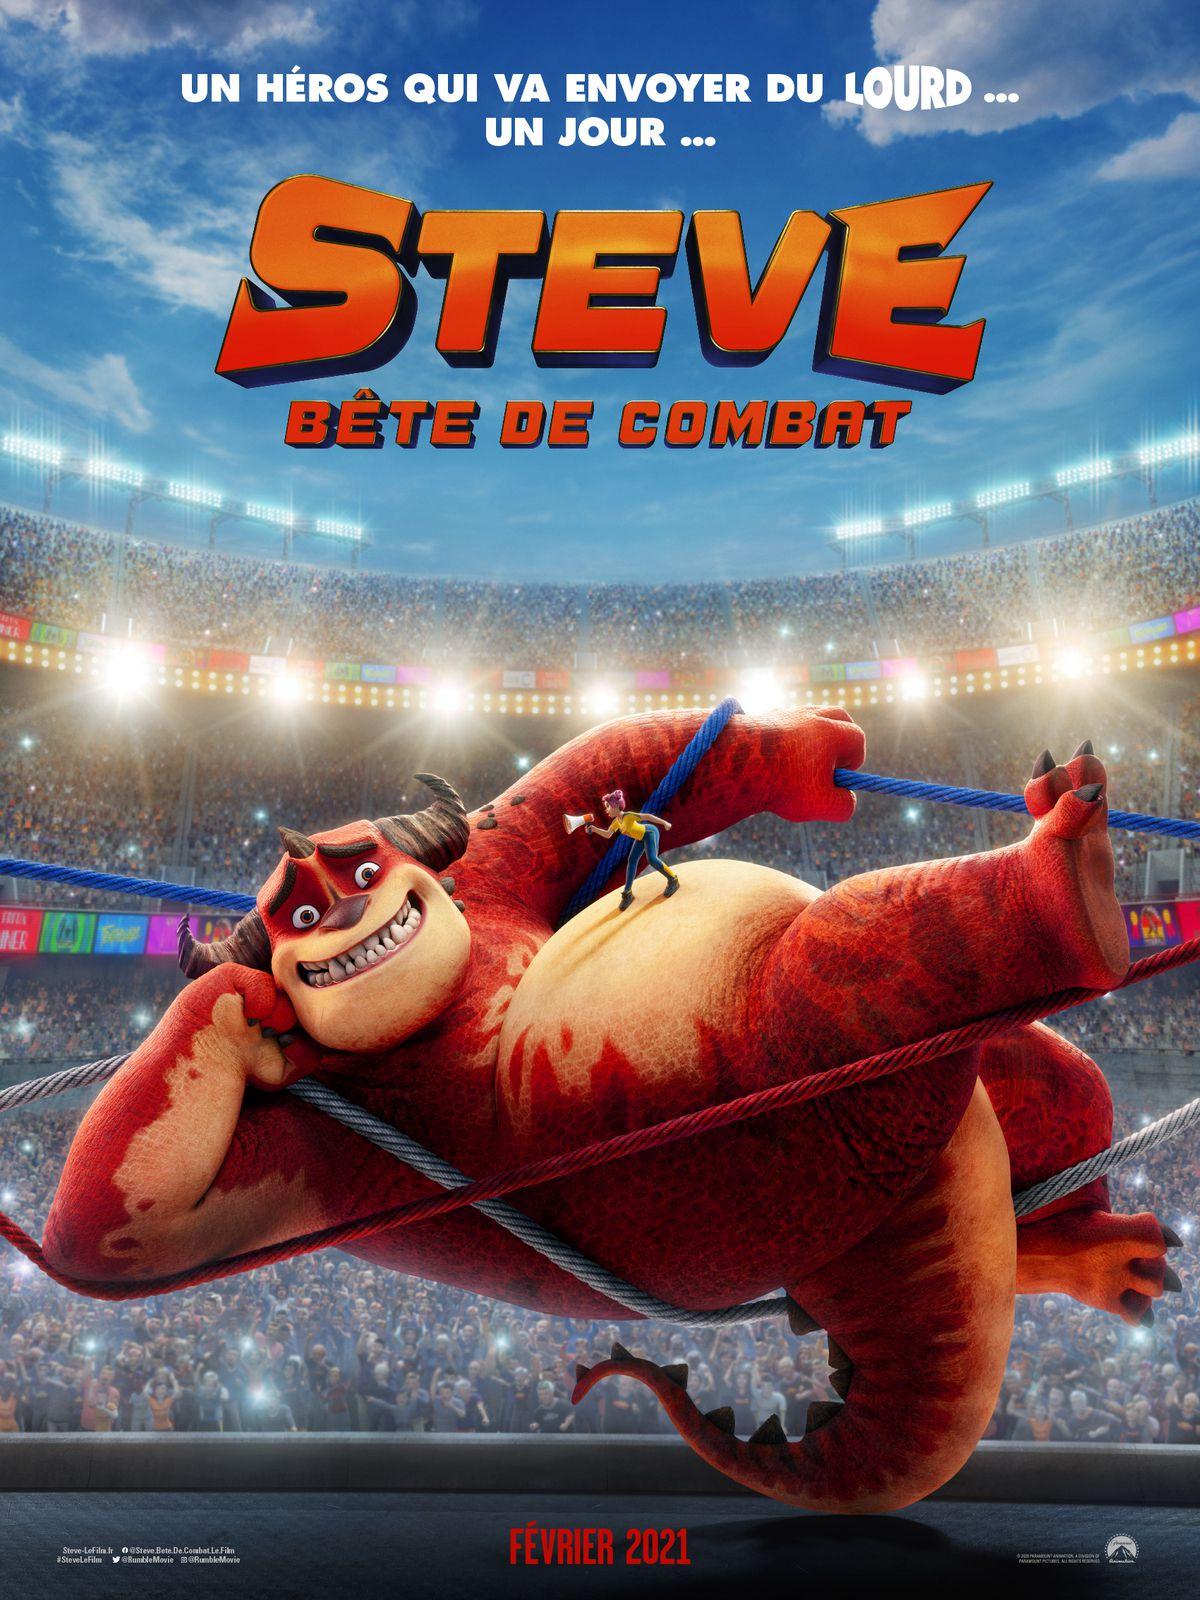 Bande-annonce du film d'animation Steve, bête de combat.